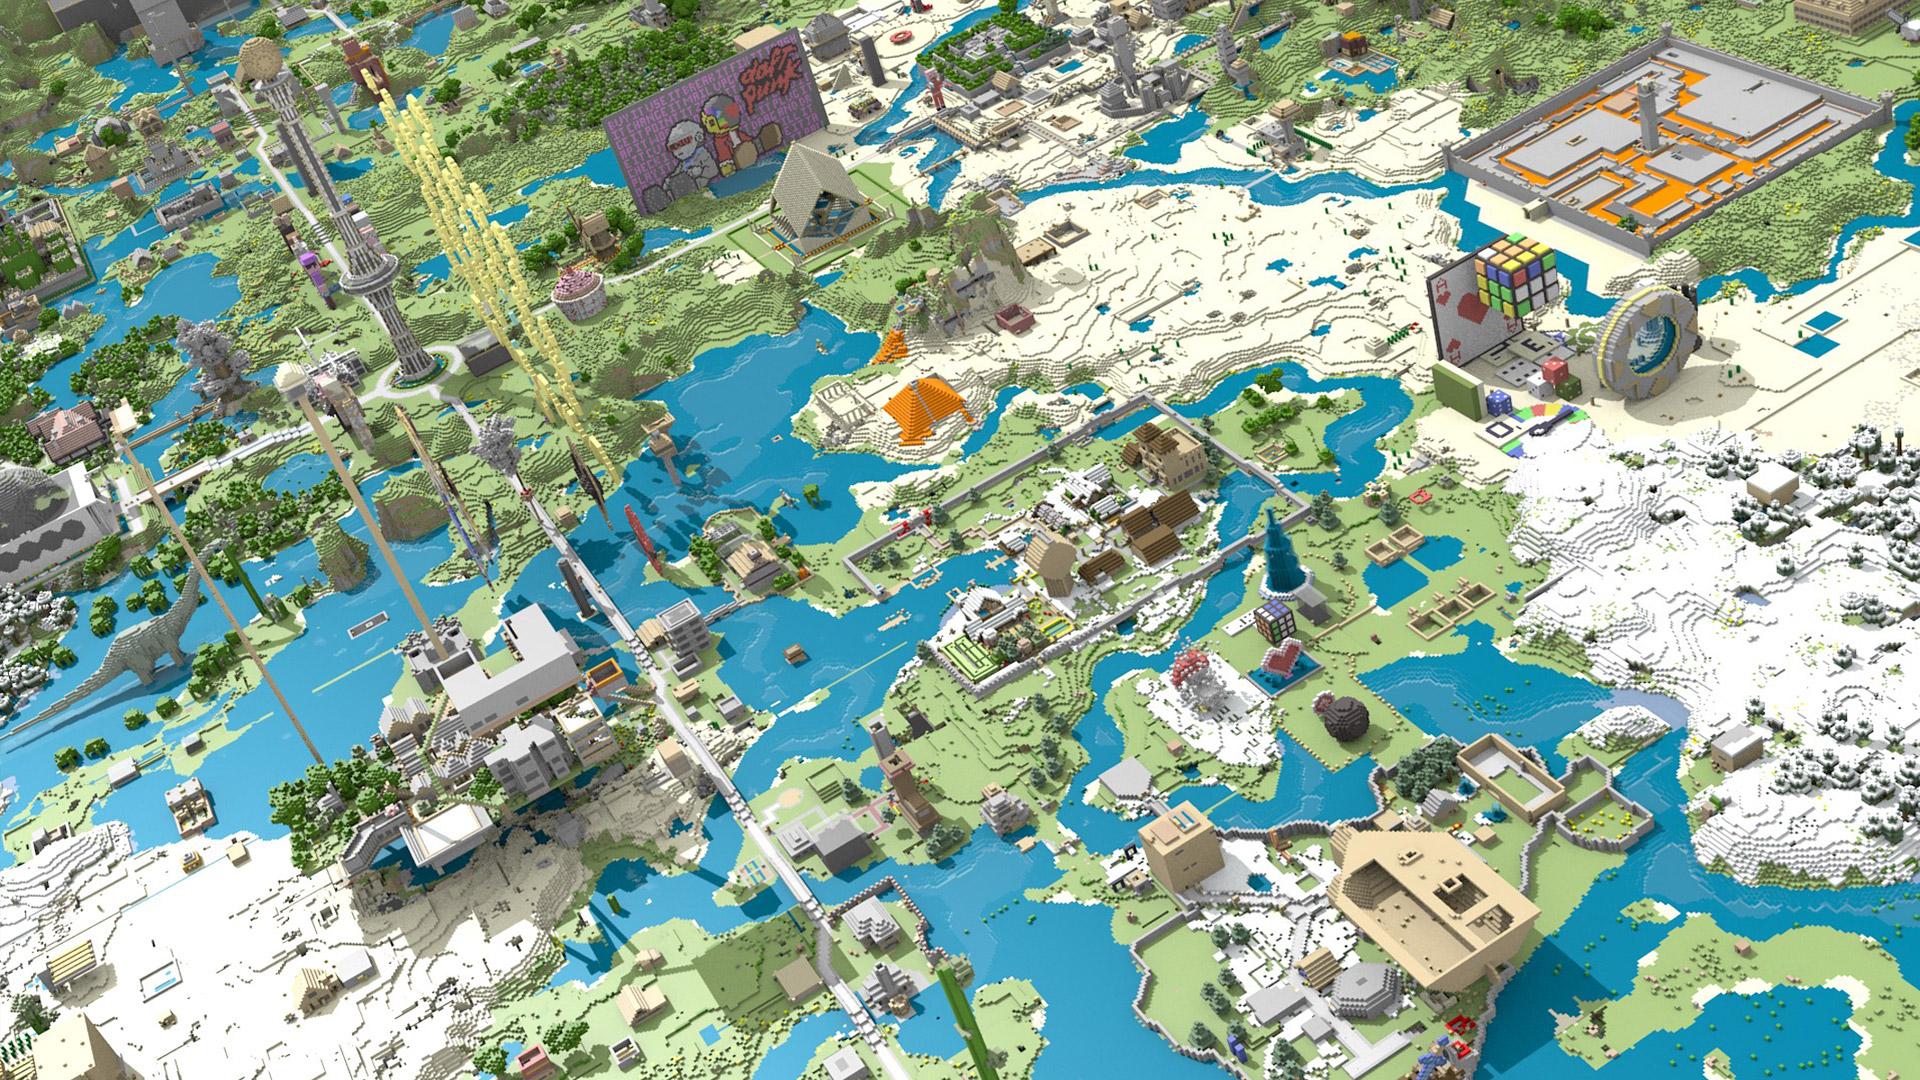 Minecraft Wallpaper in 1920x1080